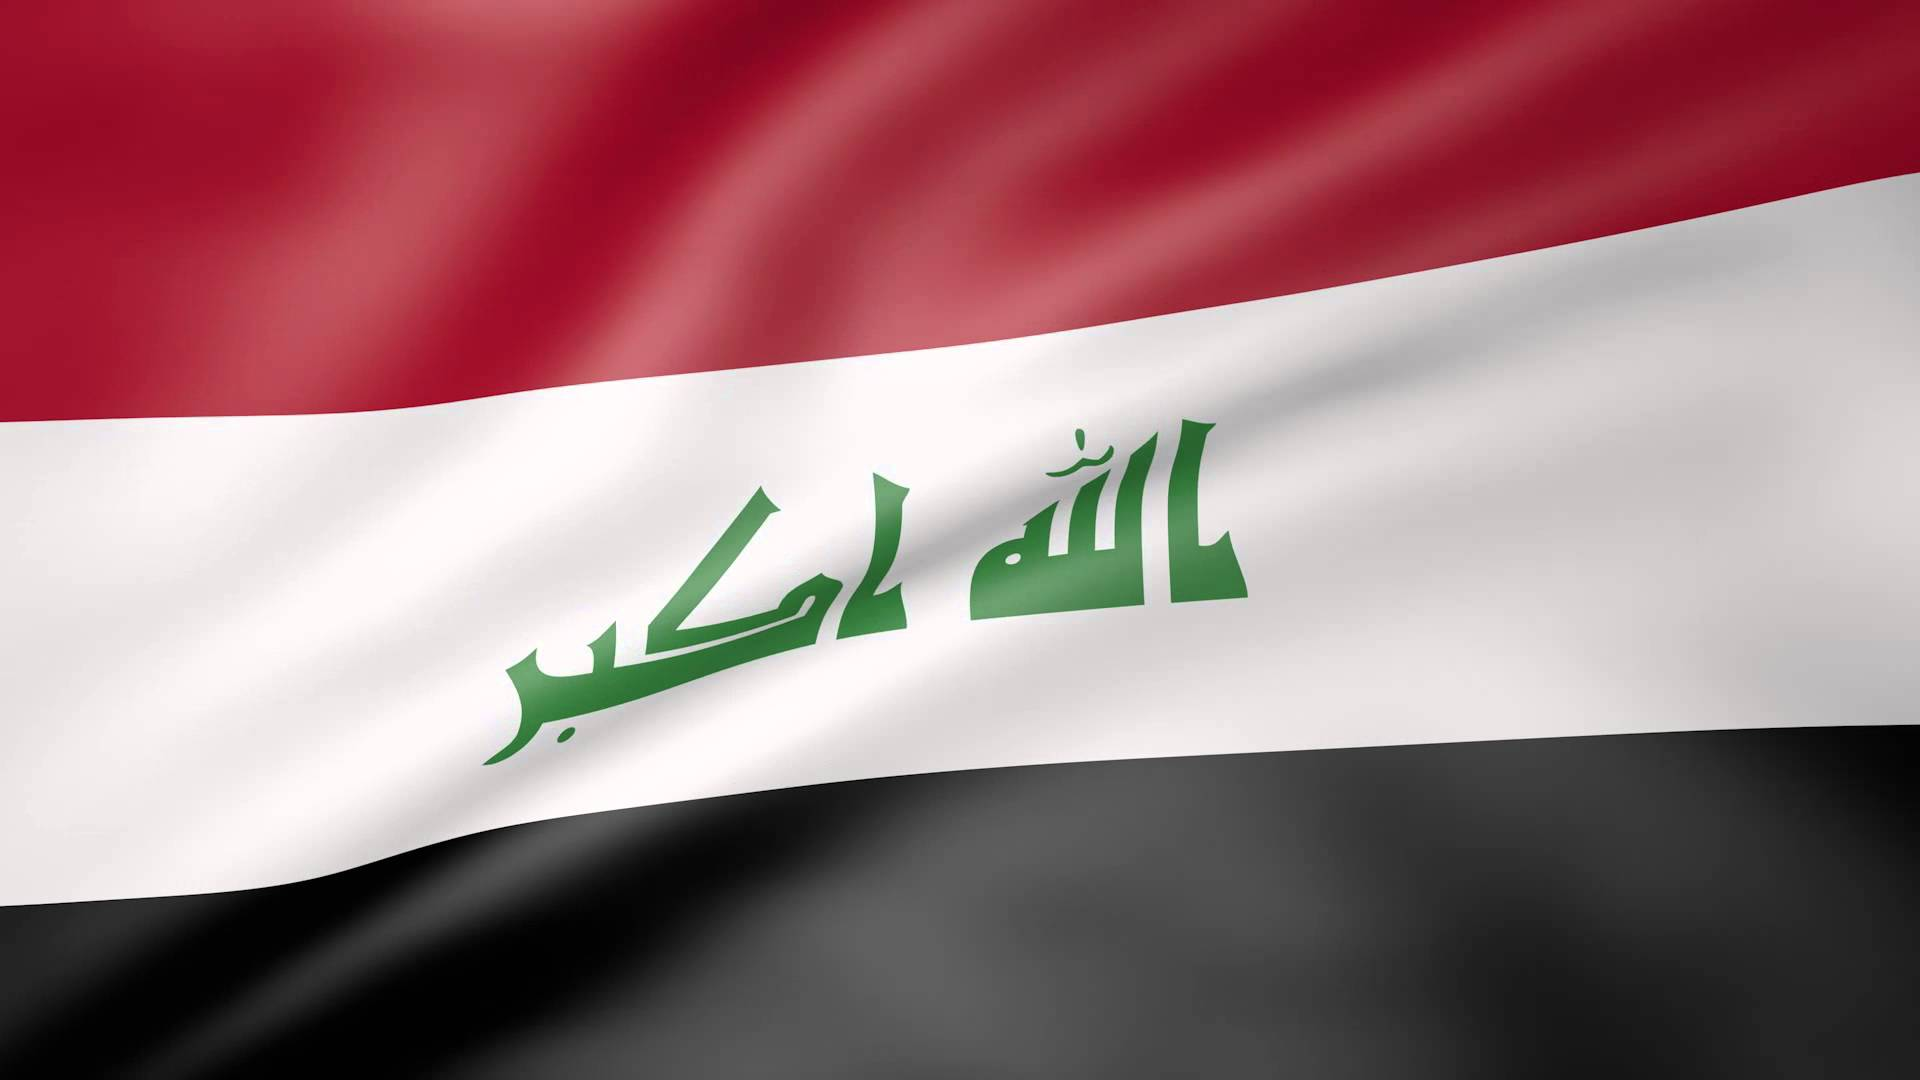 خلفيات علم العراق جديدة 2018